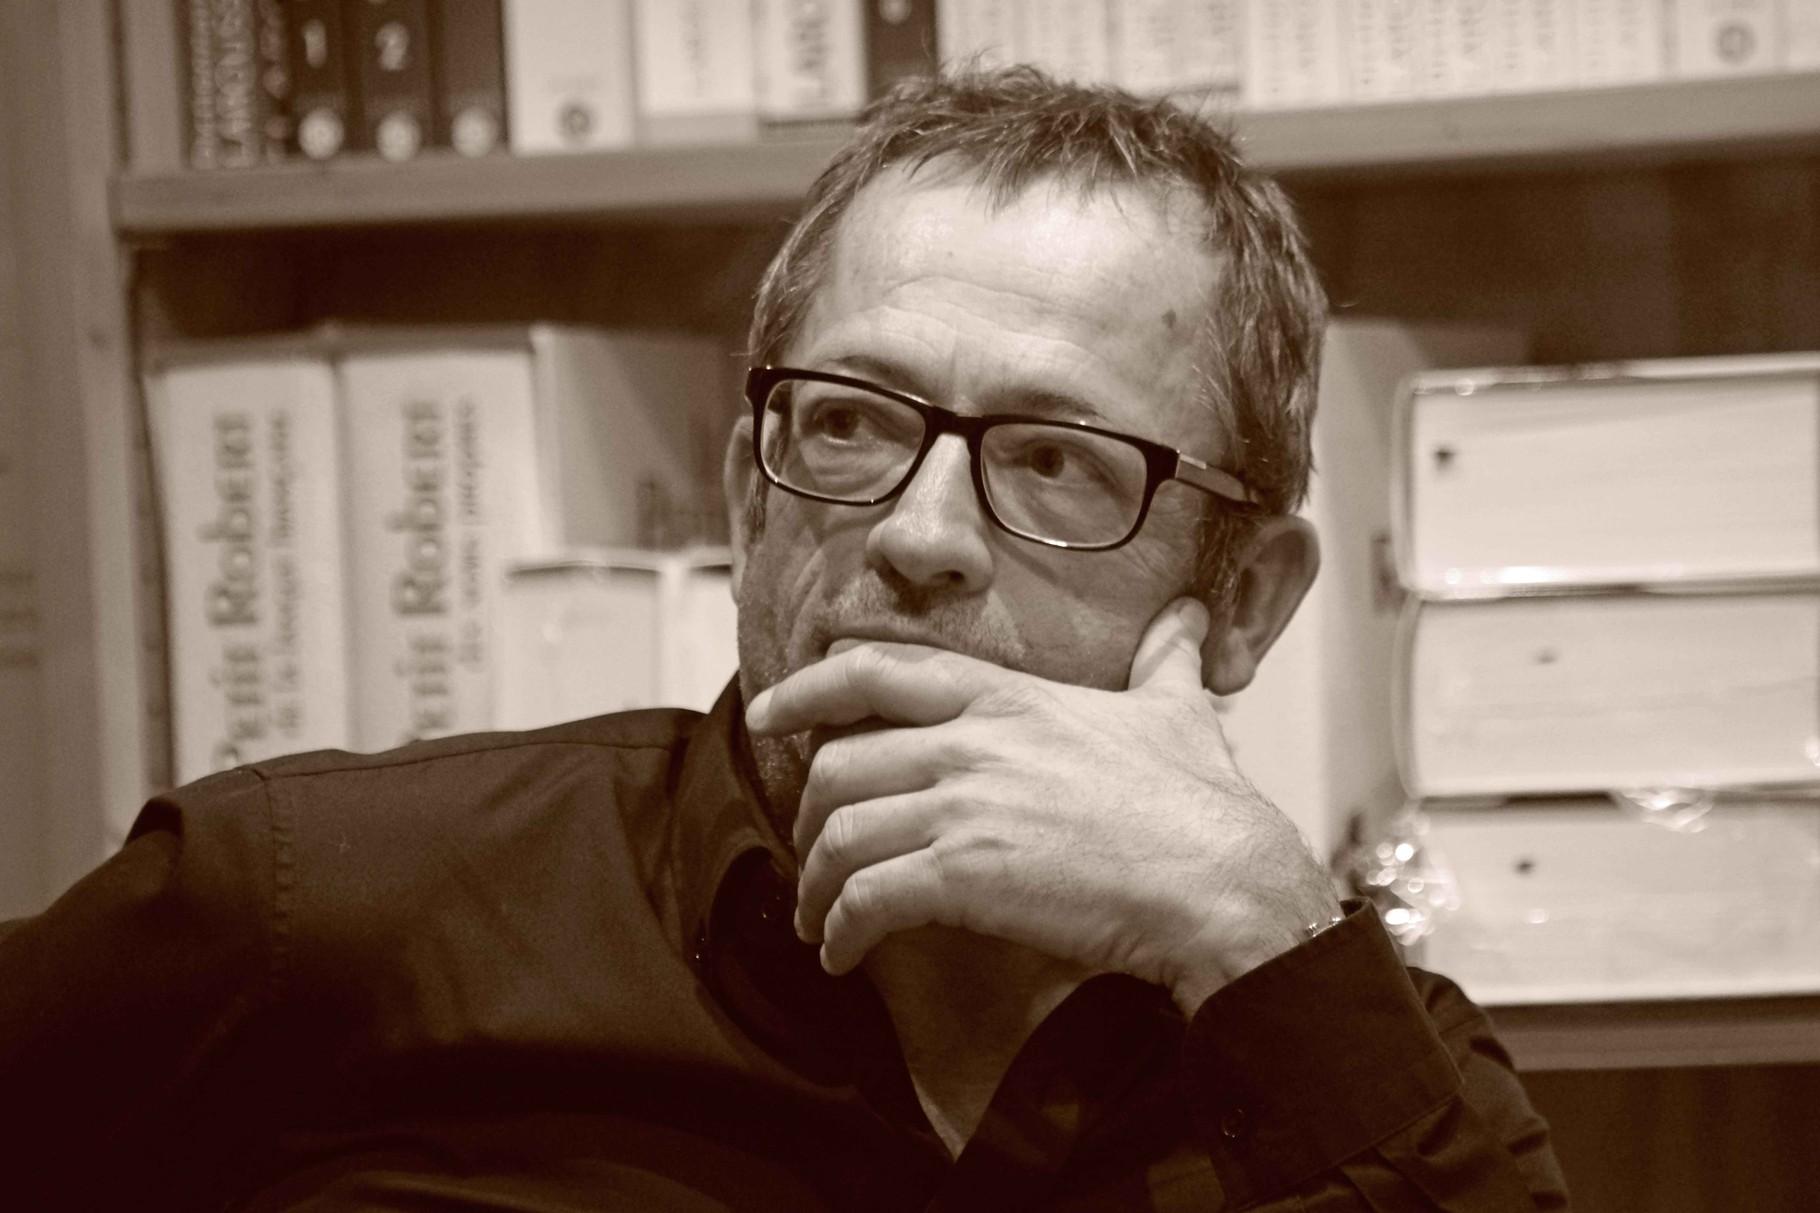 """François Roux ~ Rencontre avec l'écrivain Lannionnais à la librairie Gwalarn pour son roman """"le bonheur national brut"""" vendredi 14 novembre 2014 (Albin Michel)"""